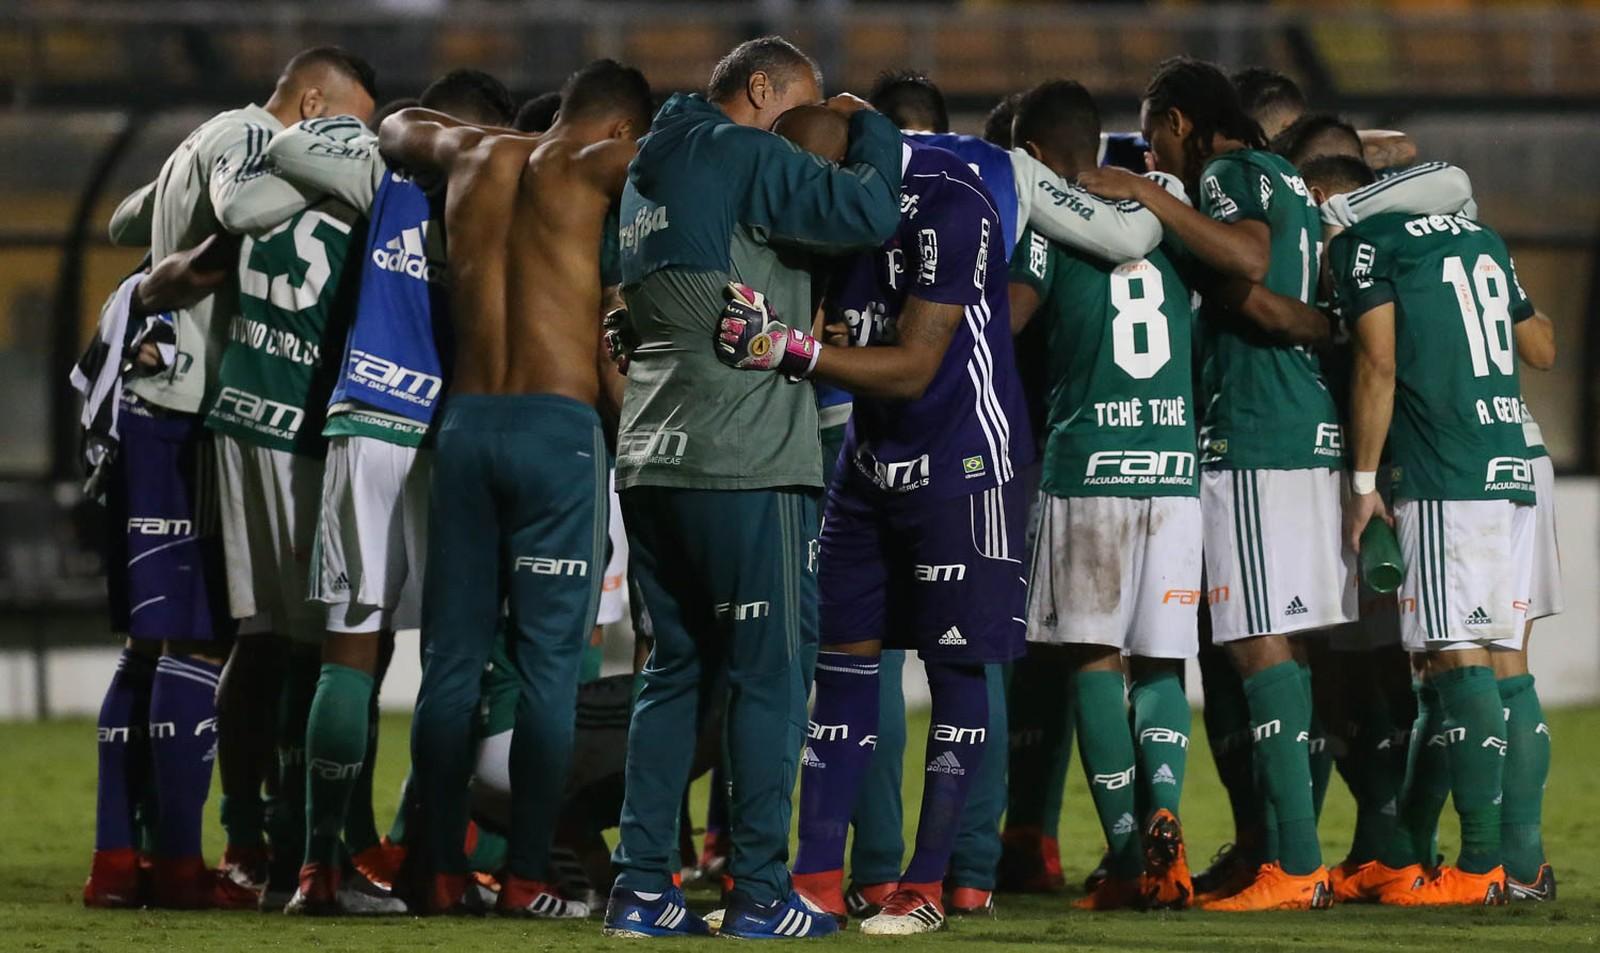 A temporada do Palmeiras até aqui em 2018 tem dois momentos distintos  quanto ao futebol jogado. Até a derrota para o Corinthians em Itaquera 117742f18c00f